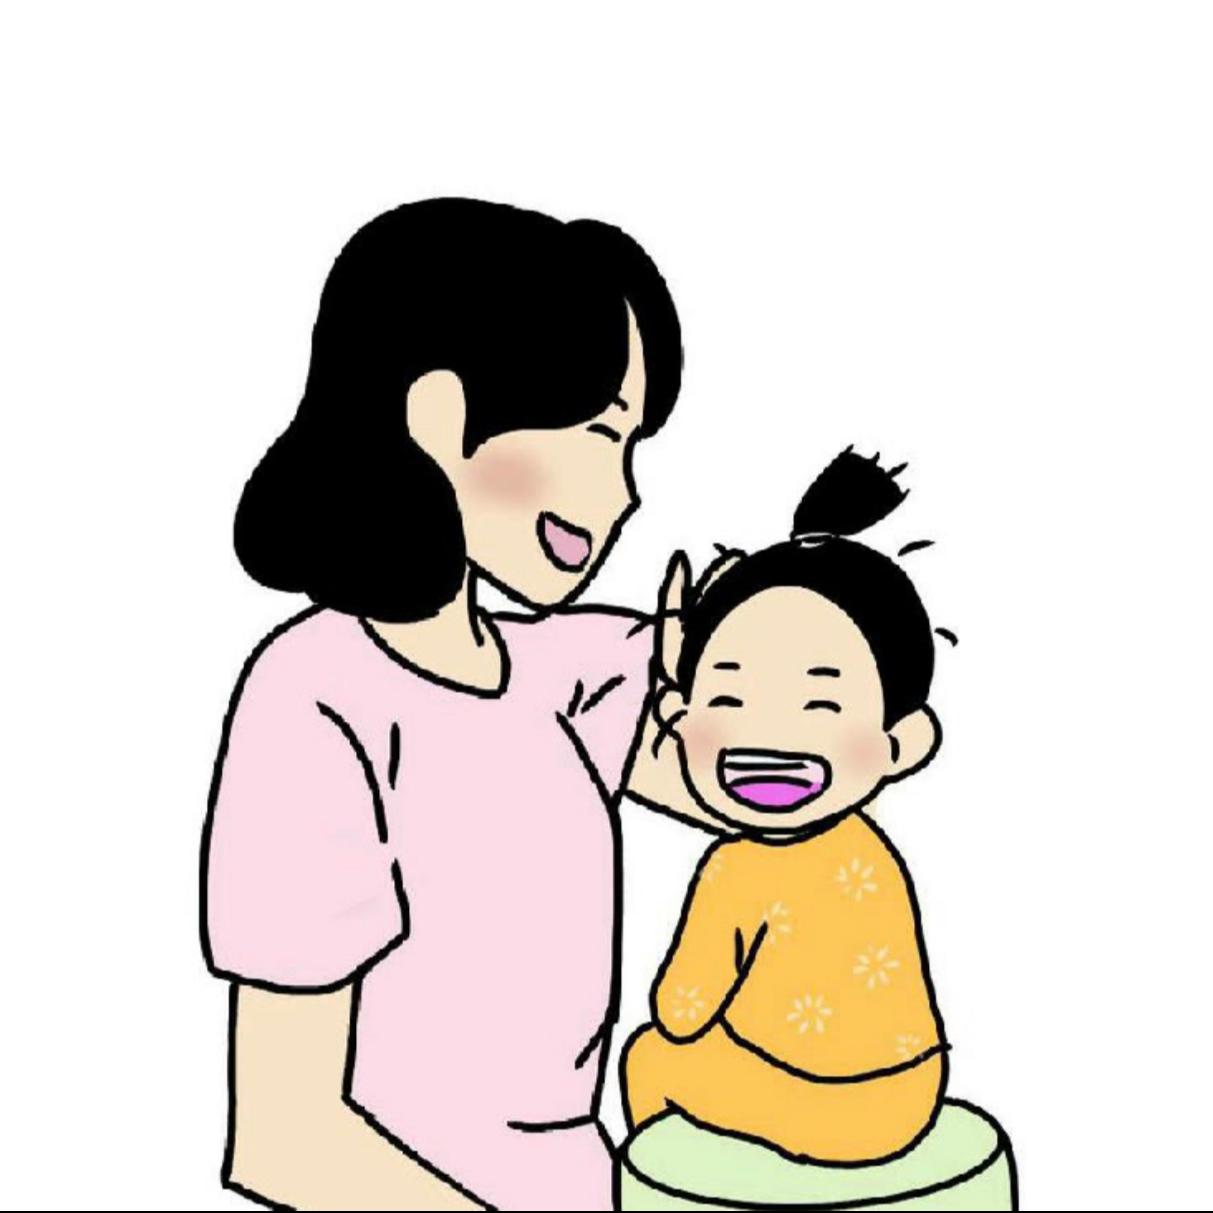 小倩倩说动漫